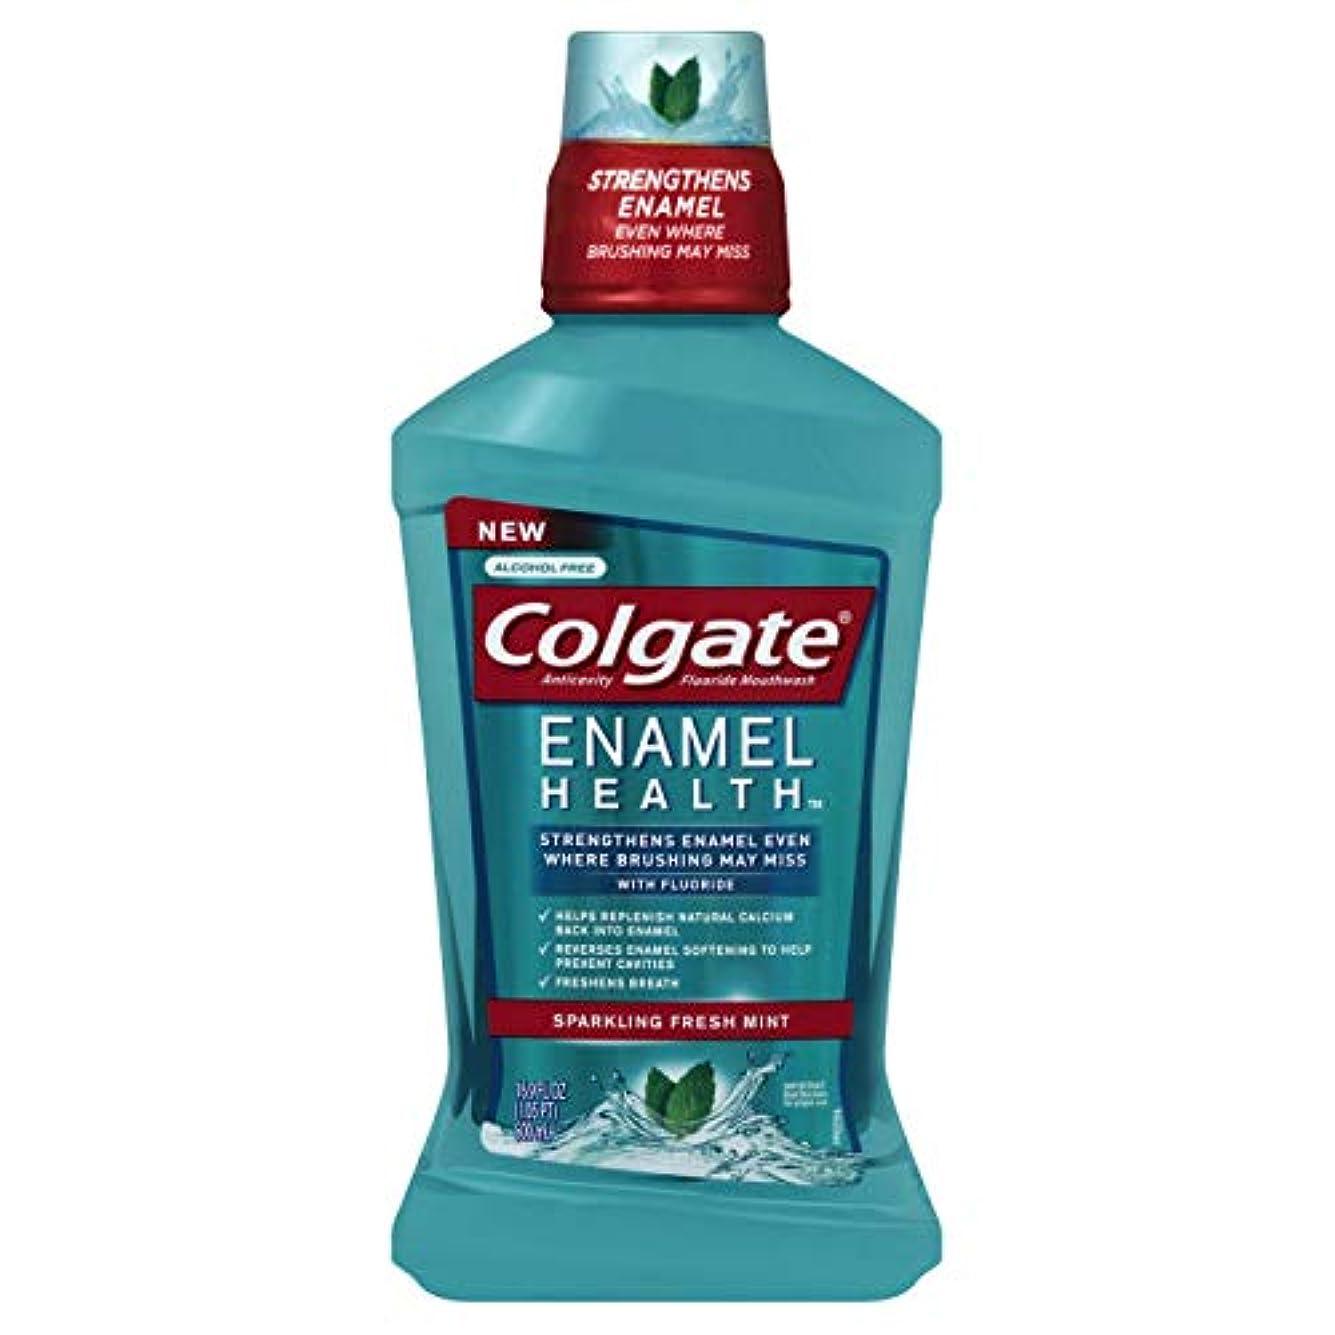 論理的不忠市区町村Colgate エナメル健康スパークリングフレッシュミント虫歯予防フッ素うがい薬、500ミリリットル - 6パック